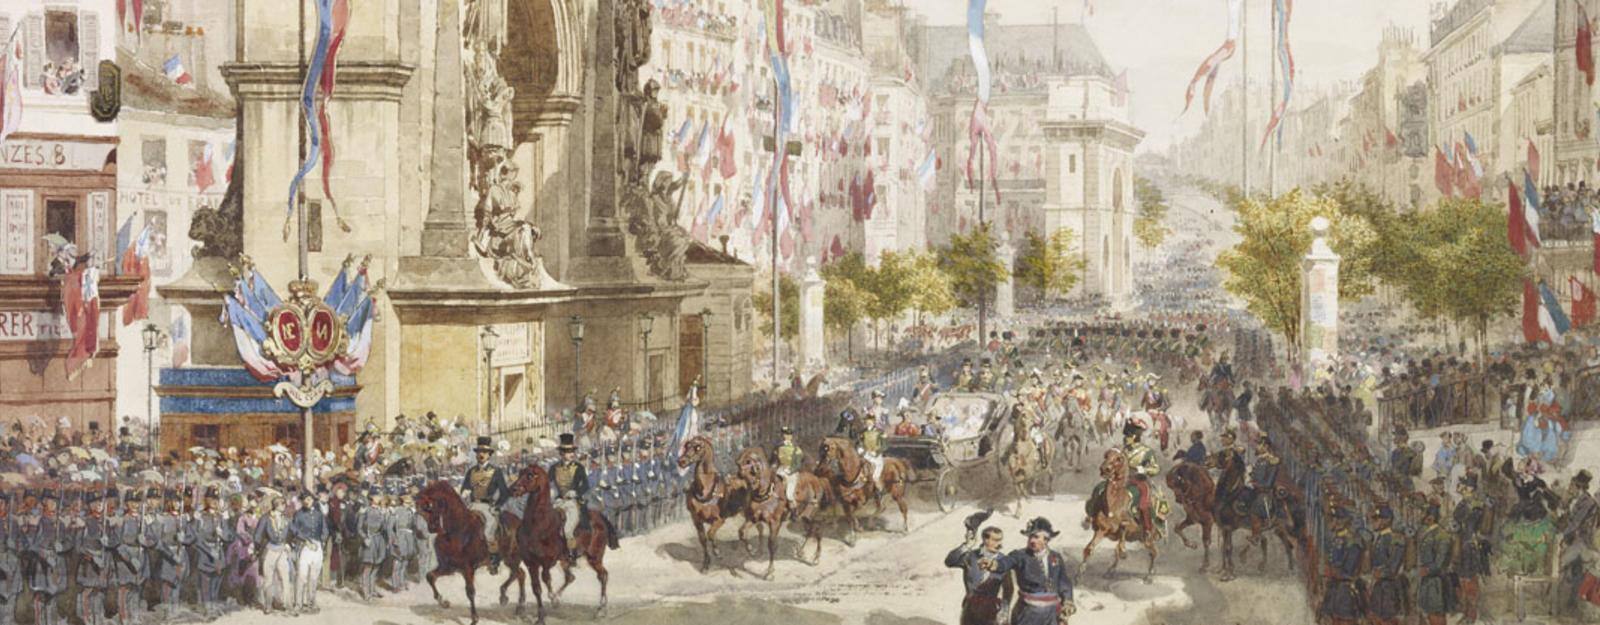 Подробно показаны прибытия королевы Виктории через толпы в Париже